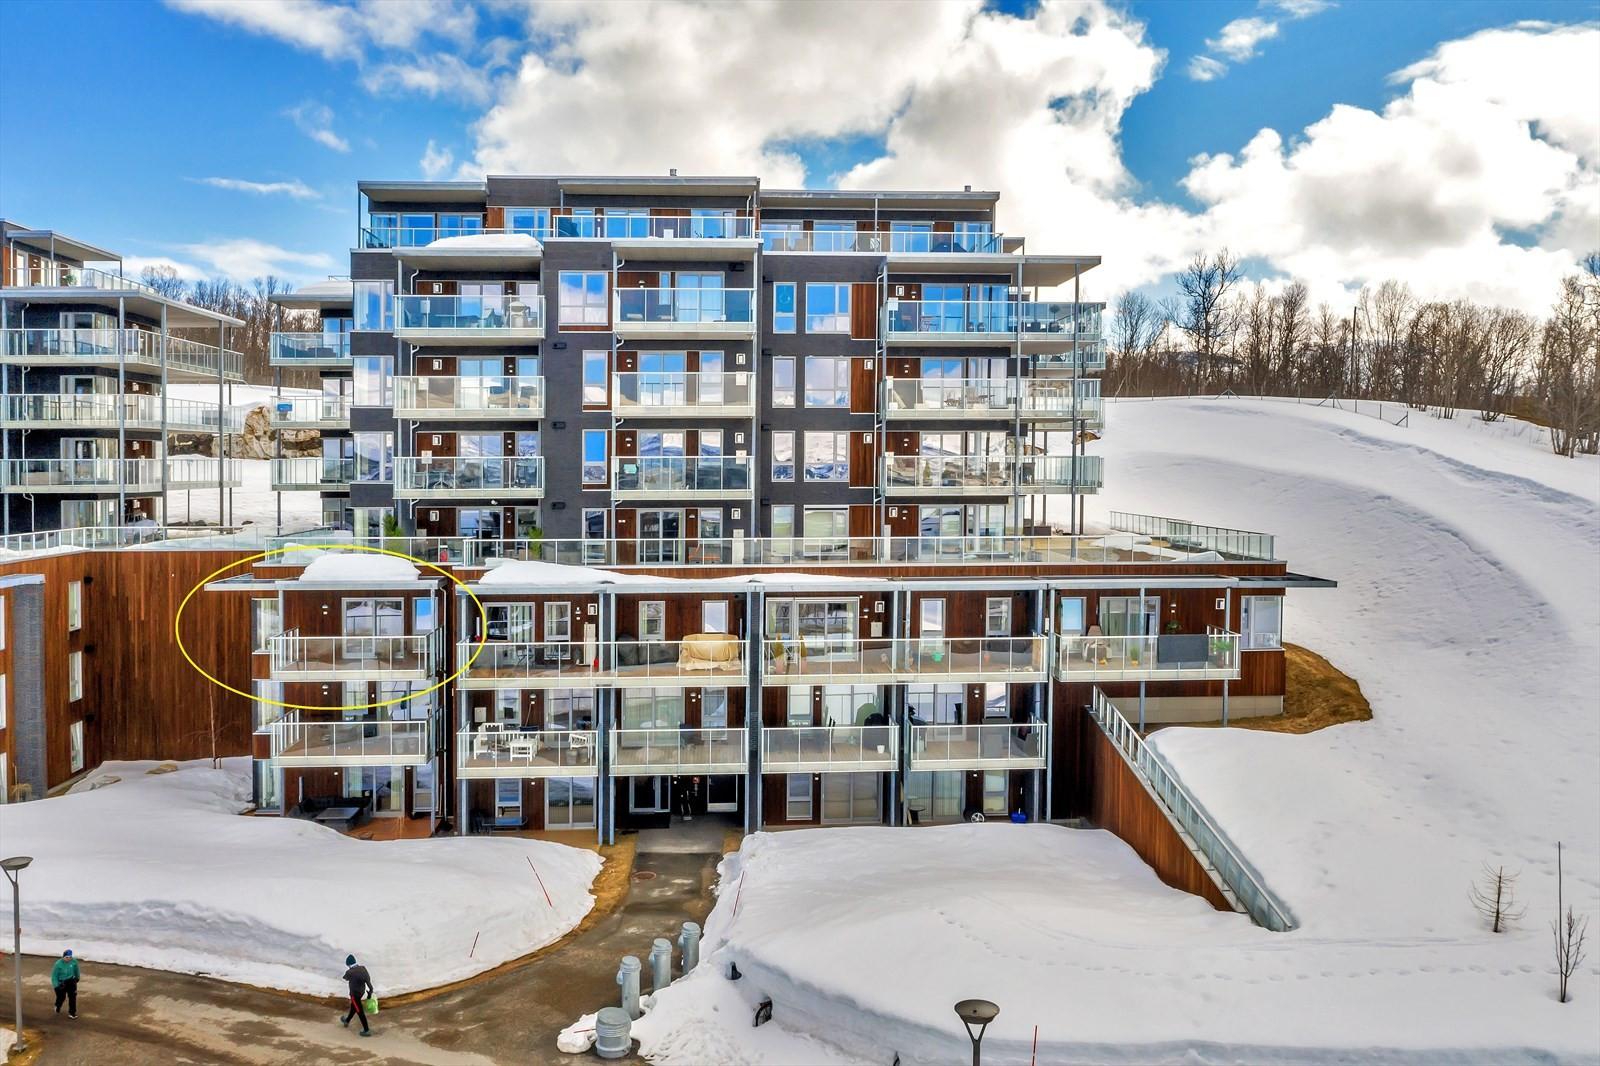 Leiligheten ligger i innerste bygg og i 3. etasje. Dette gir nydelig utsikt og gode solforhold